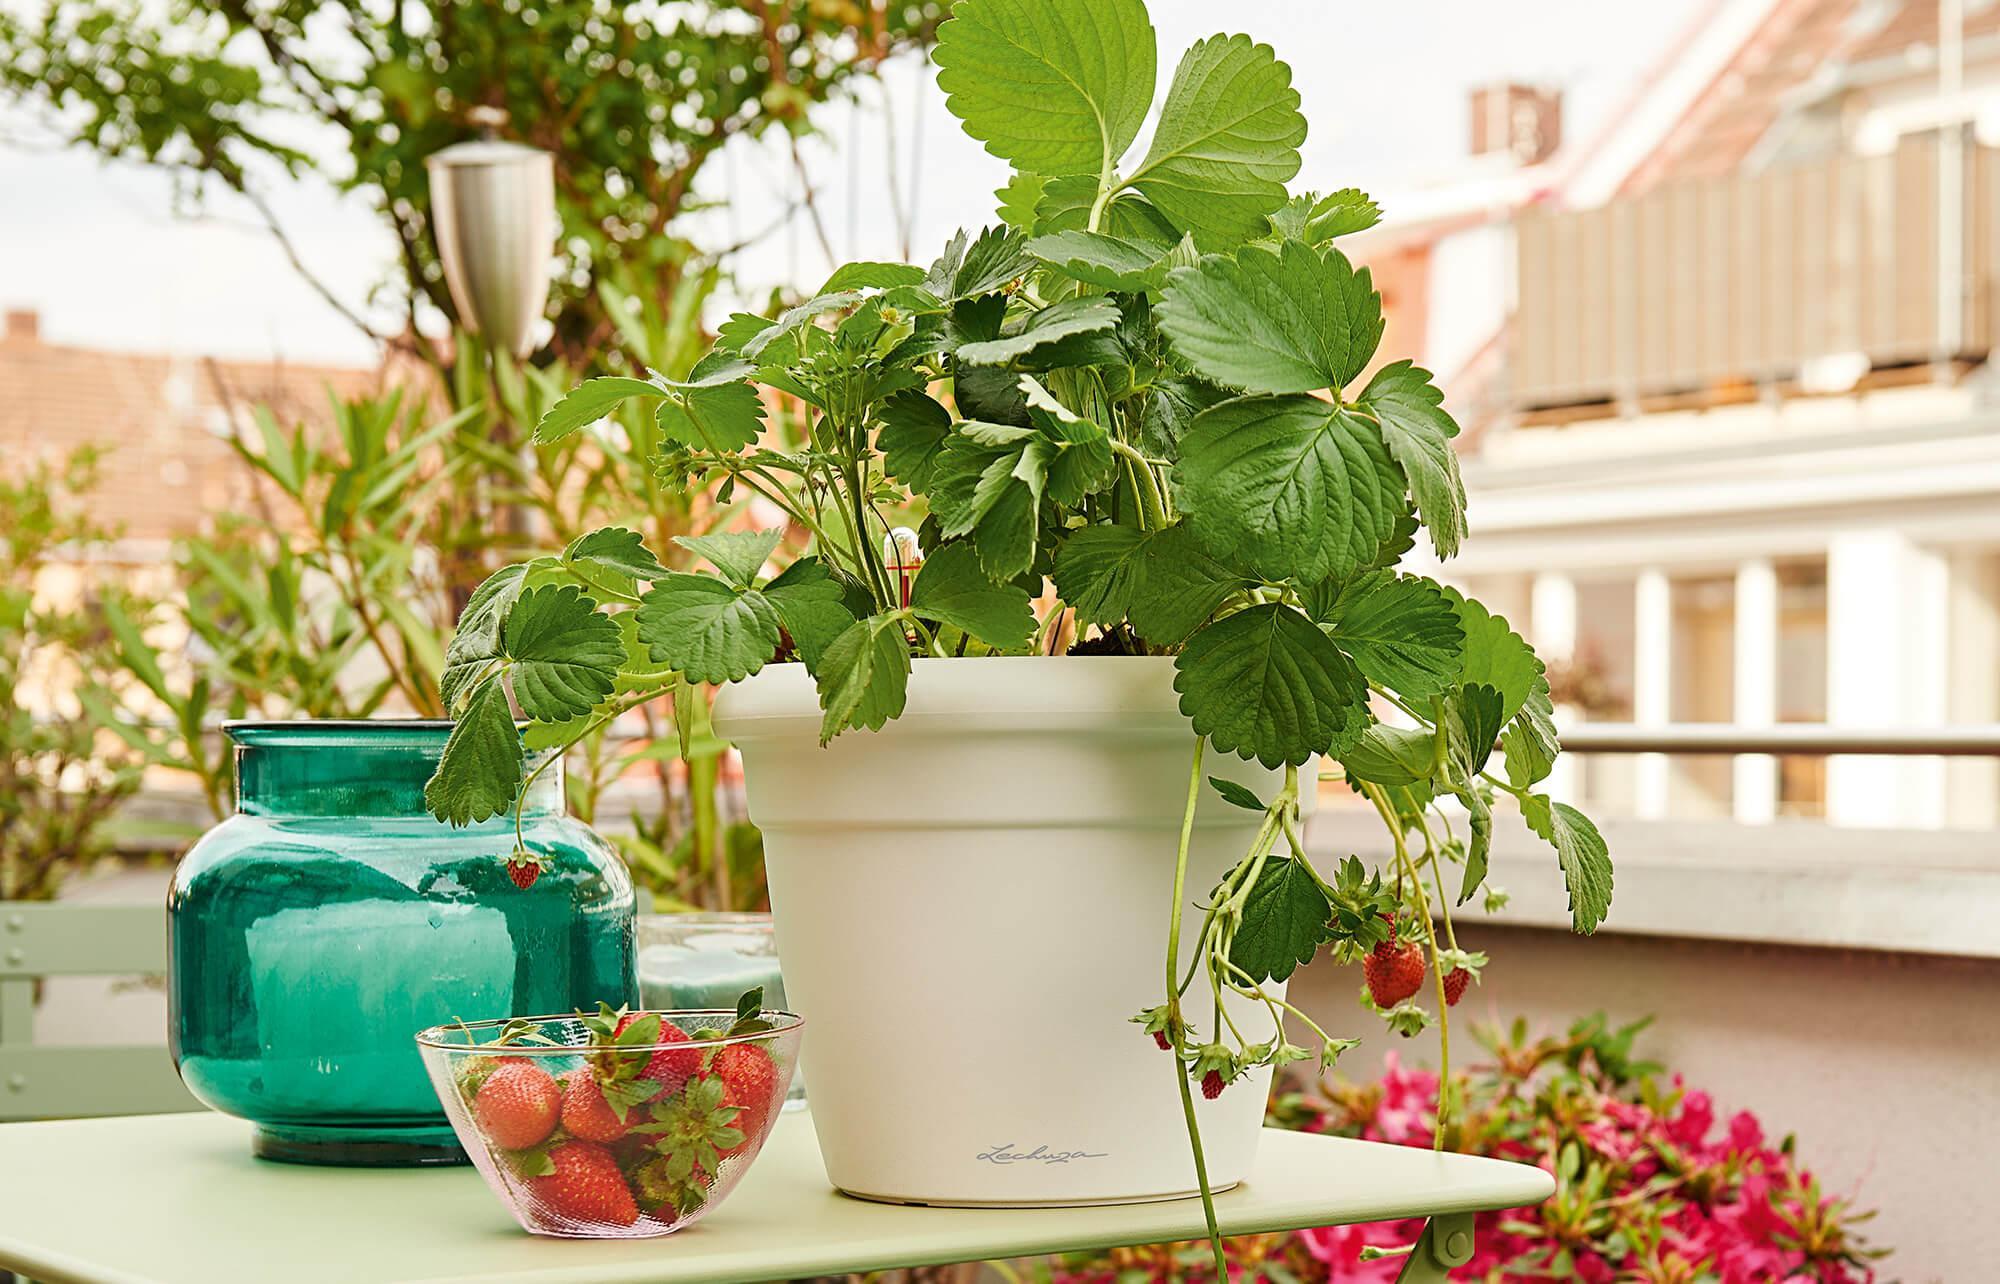 le_tw-urban-gardening_rustico_w